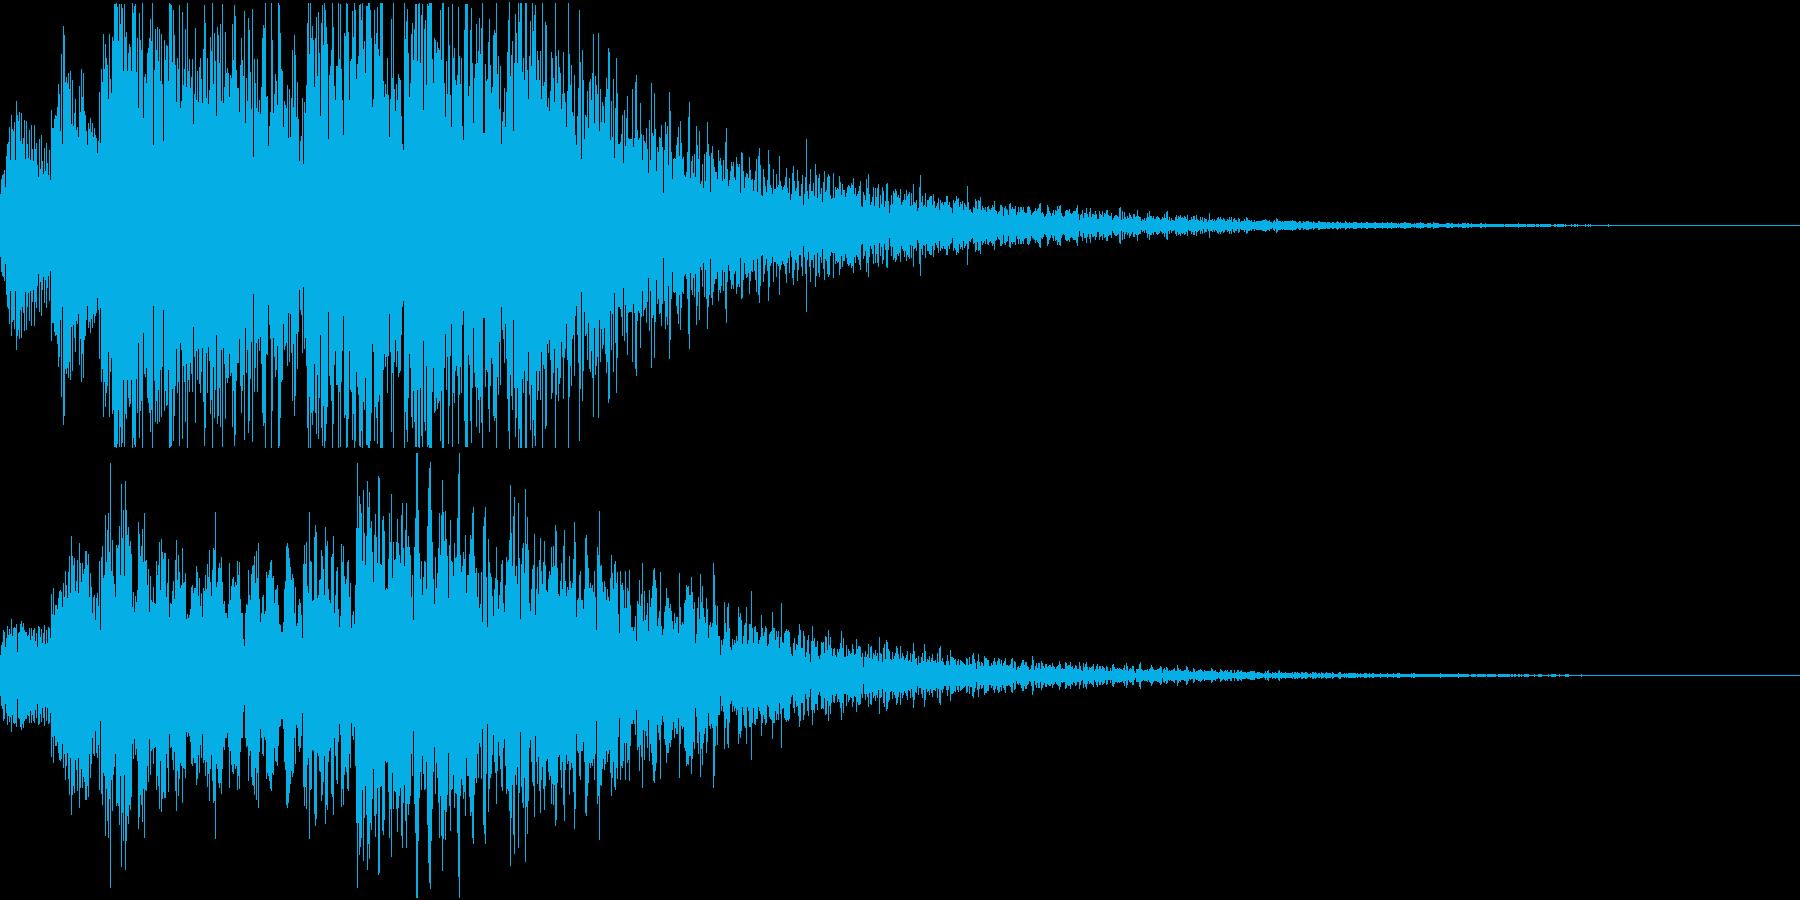 魔法の効果音のようなジングルの再生済みの波形